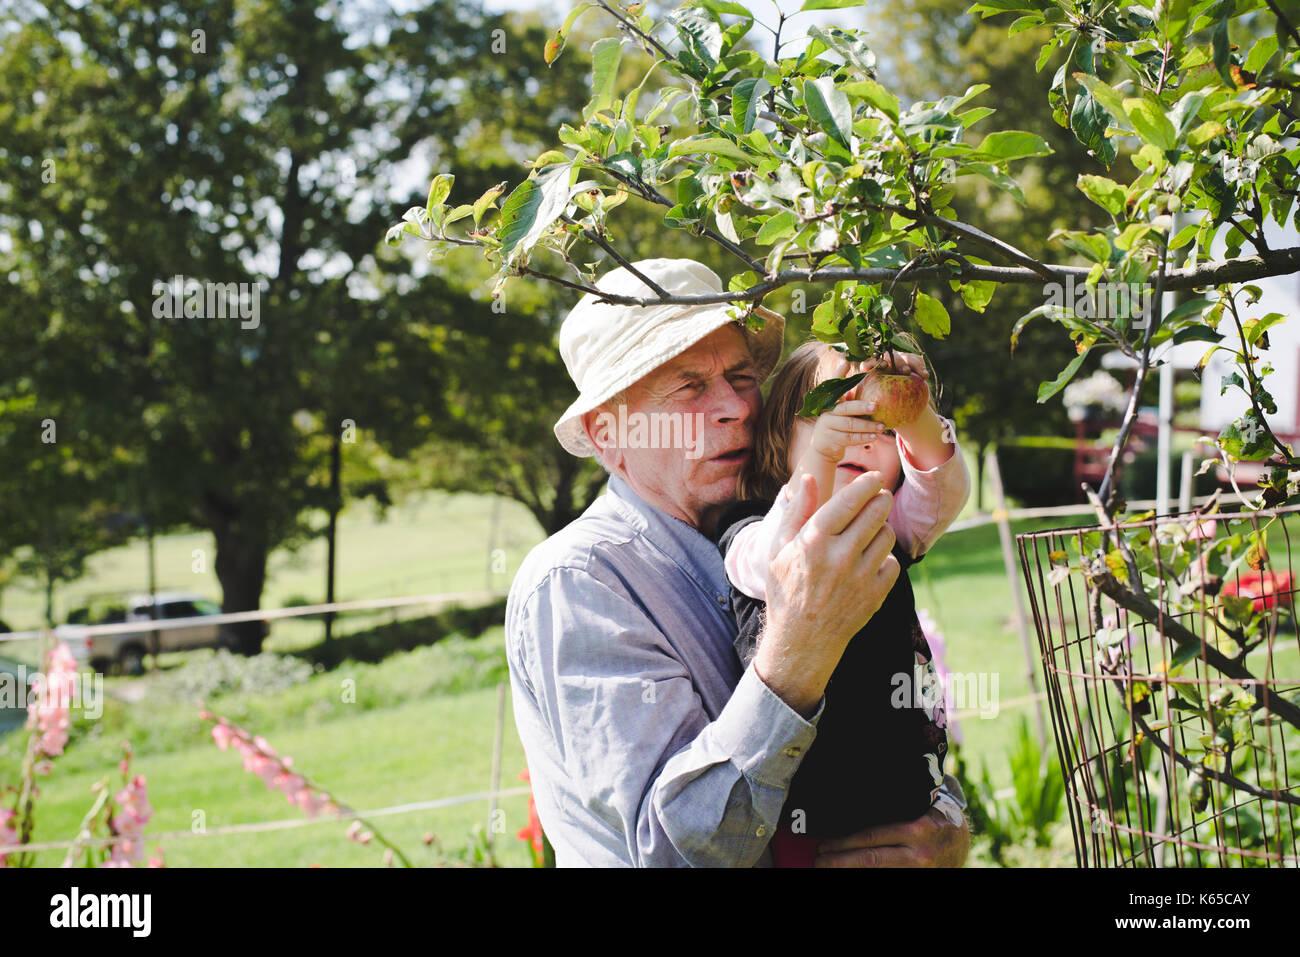 Un abuelo ayuda a su nieta escoger una manzana de un árbol. Imagen De Stock